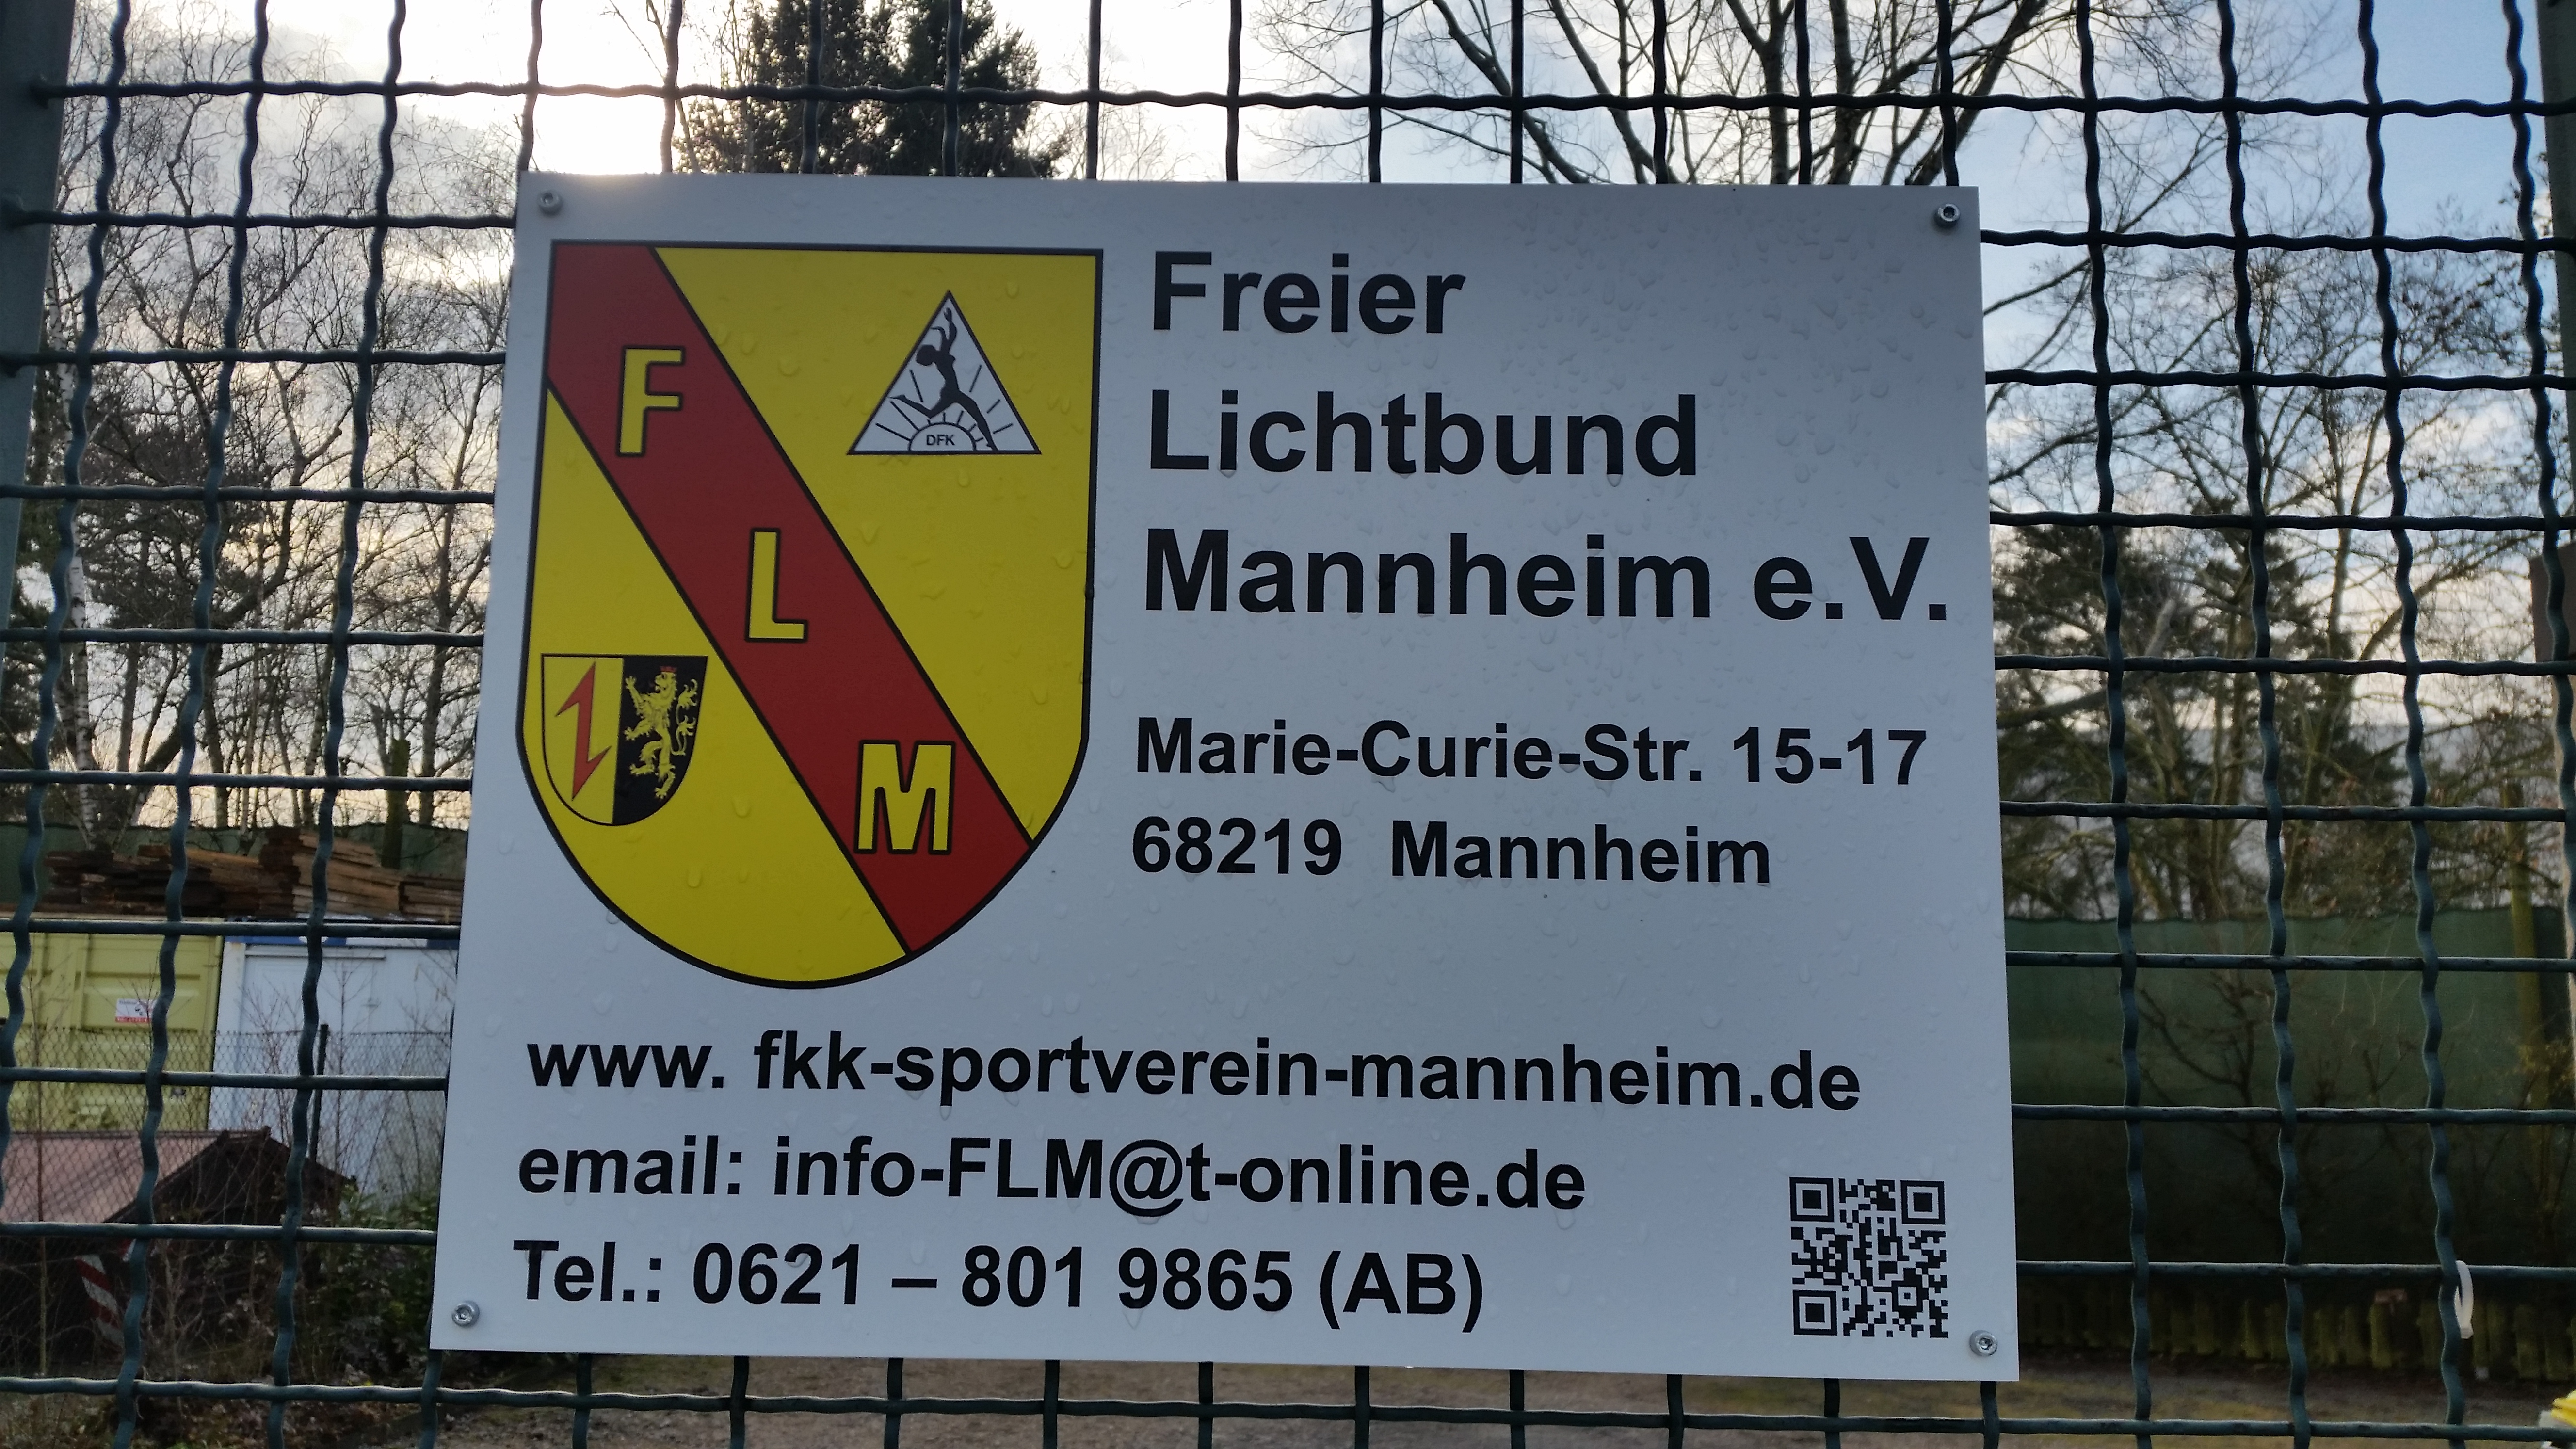 Fkk in mannheim